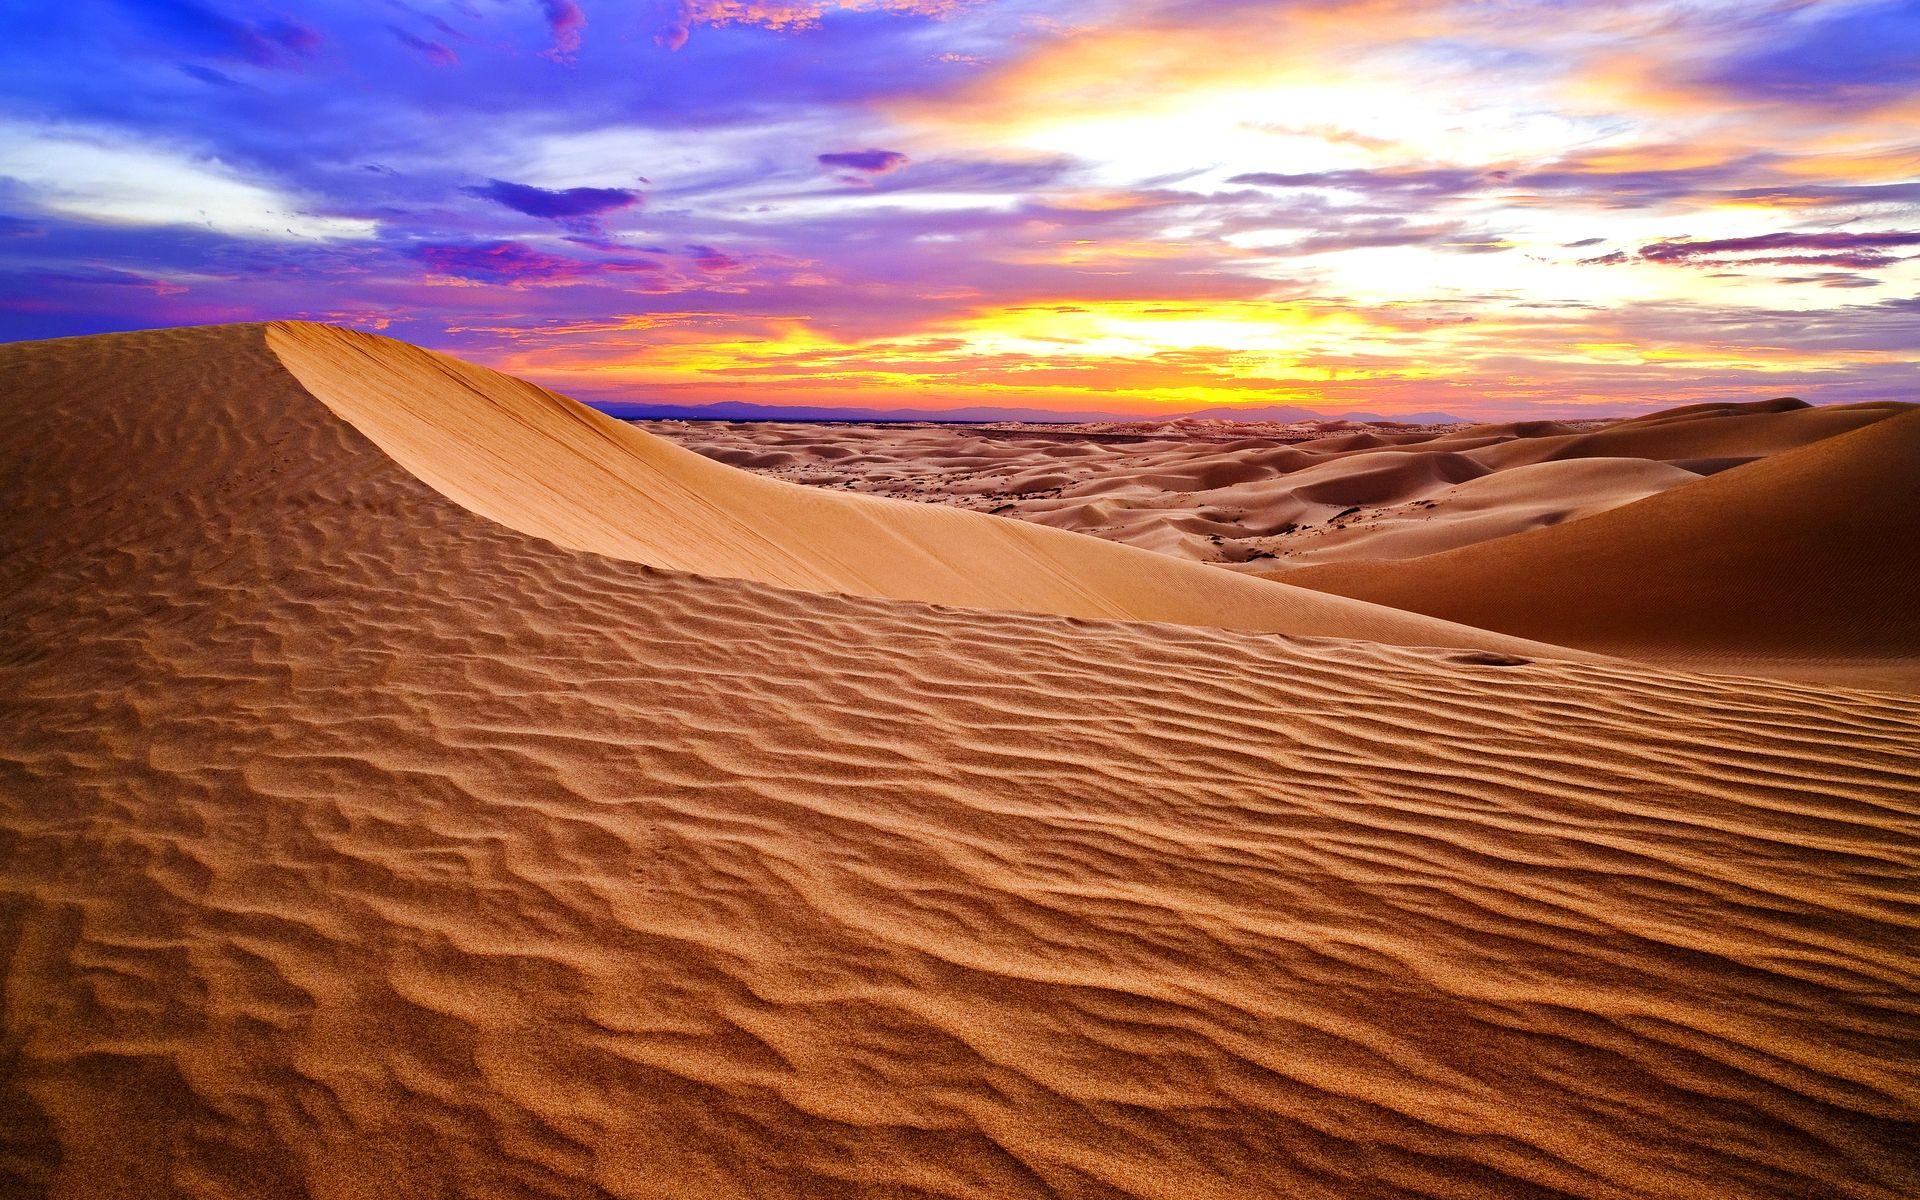 Free Desert Wallpaper 16497 1920x1200 Px Hdwallsource Com Desert Pictures Hd Nature Wallpapers Sunset Wallpaper